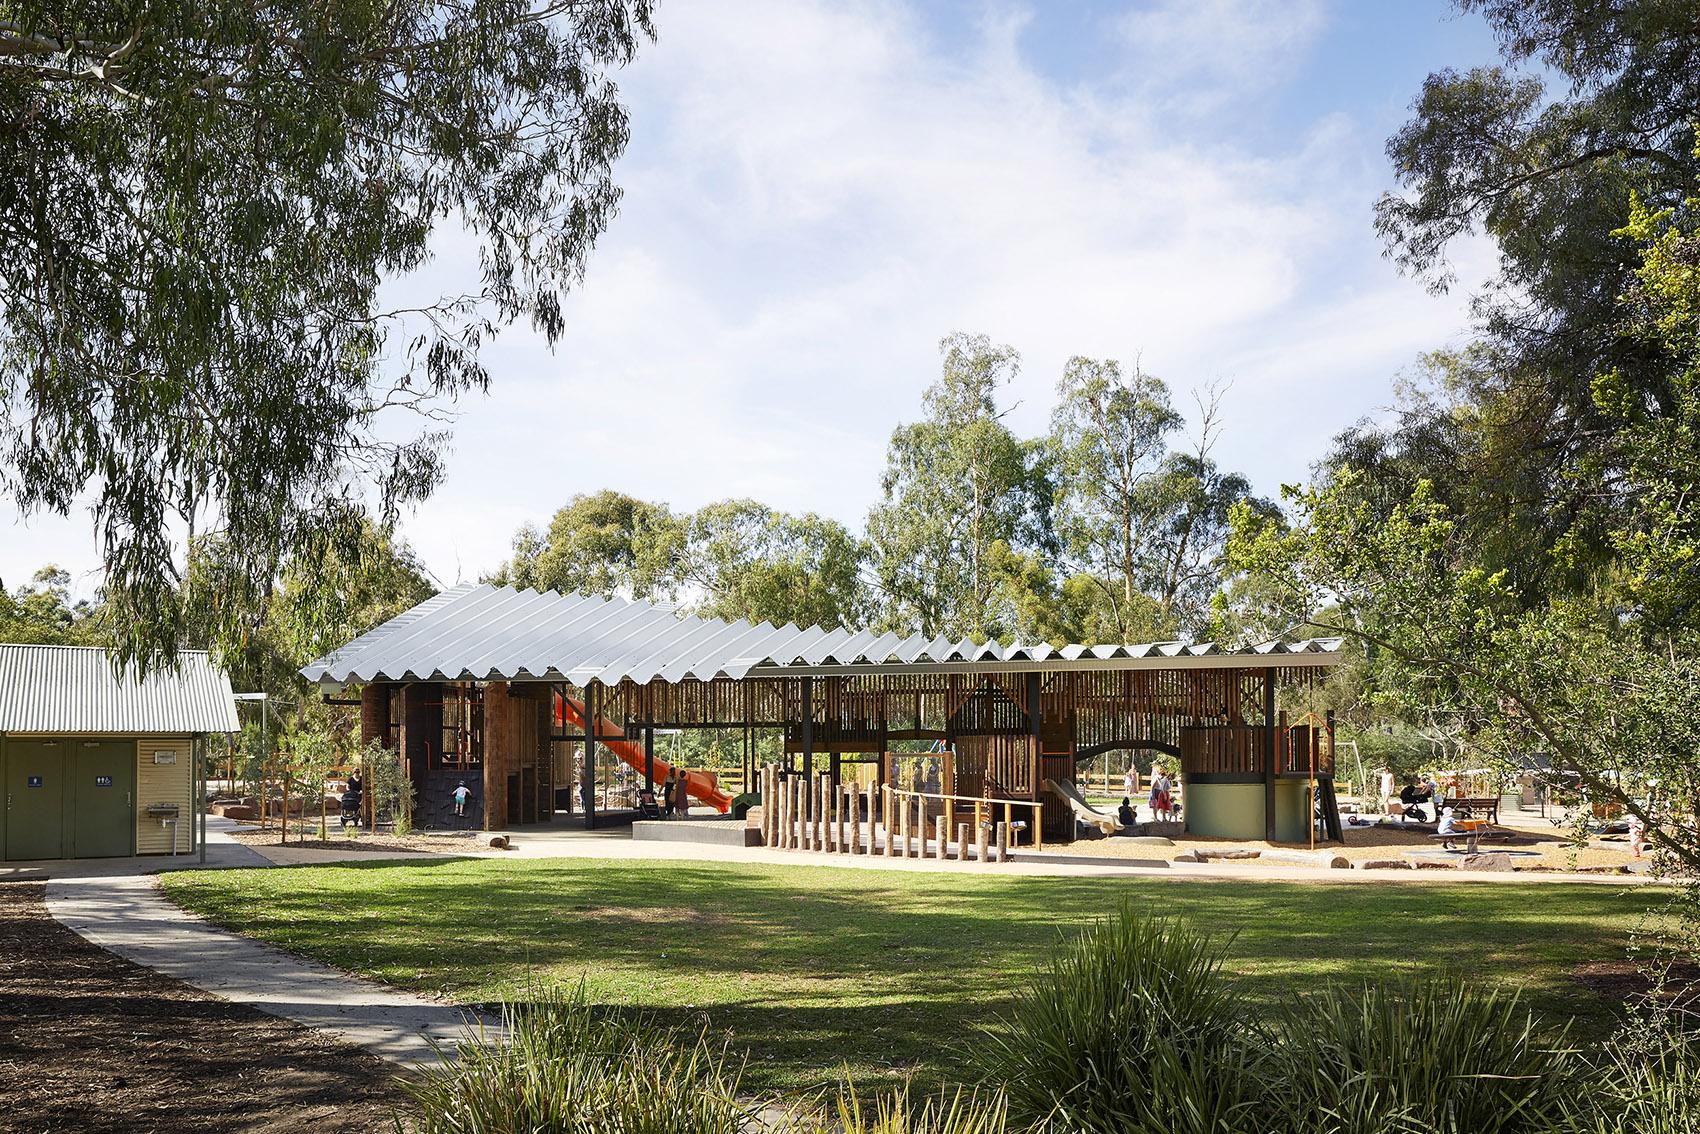 澳洲园林景观专业_学的是园林艺术专业,毕业后我们一般可以从事什么工作